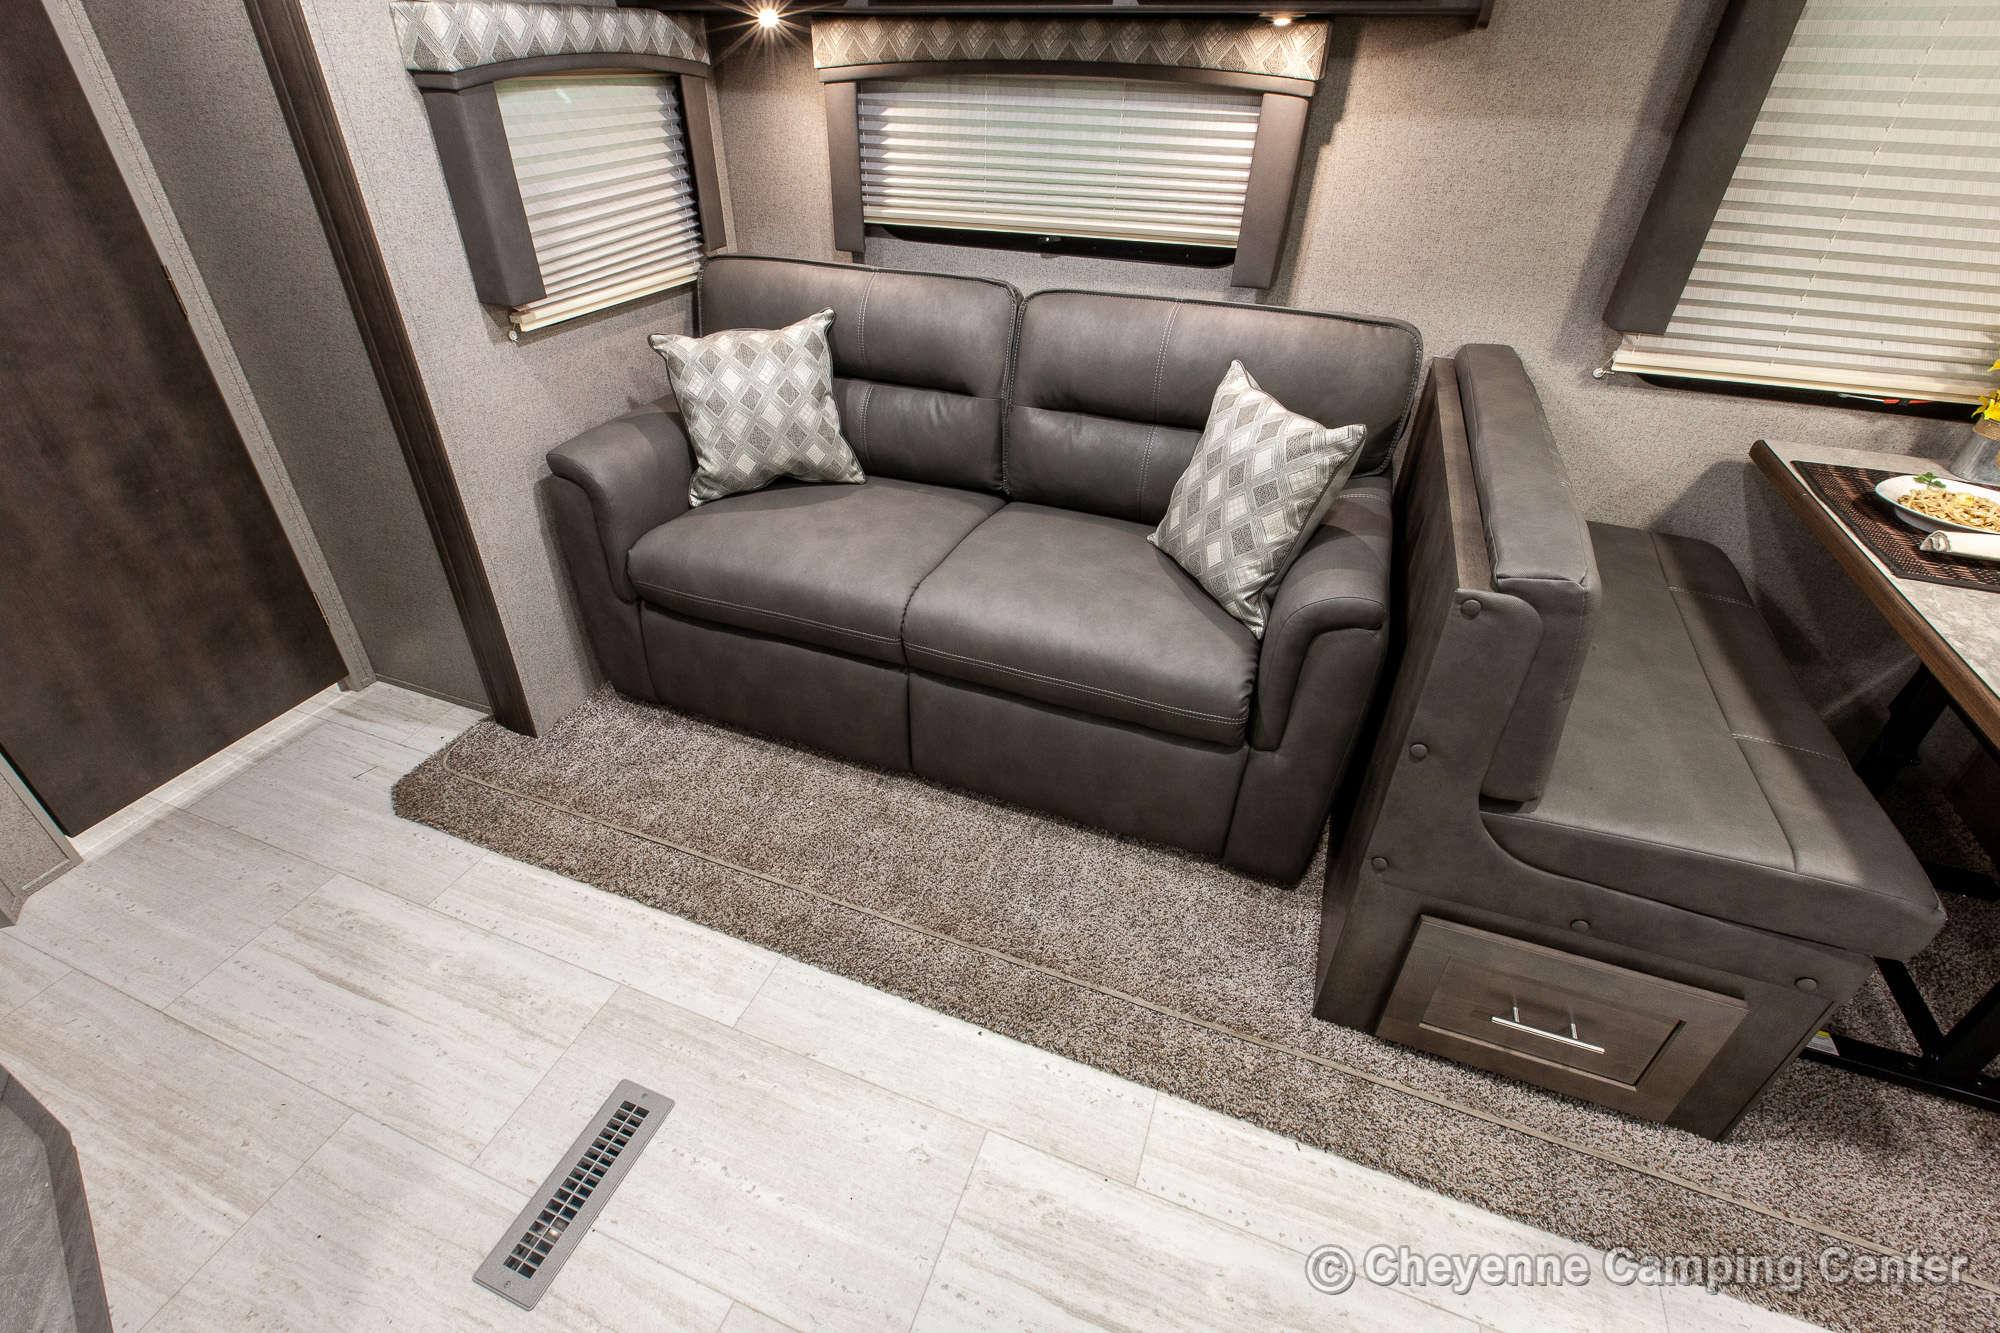 2021 Forest River Flagstaff Super Lite 26FKBS Front Kitchen Travel Trailer Interior Image